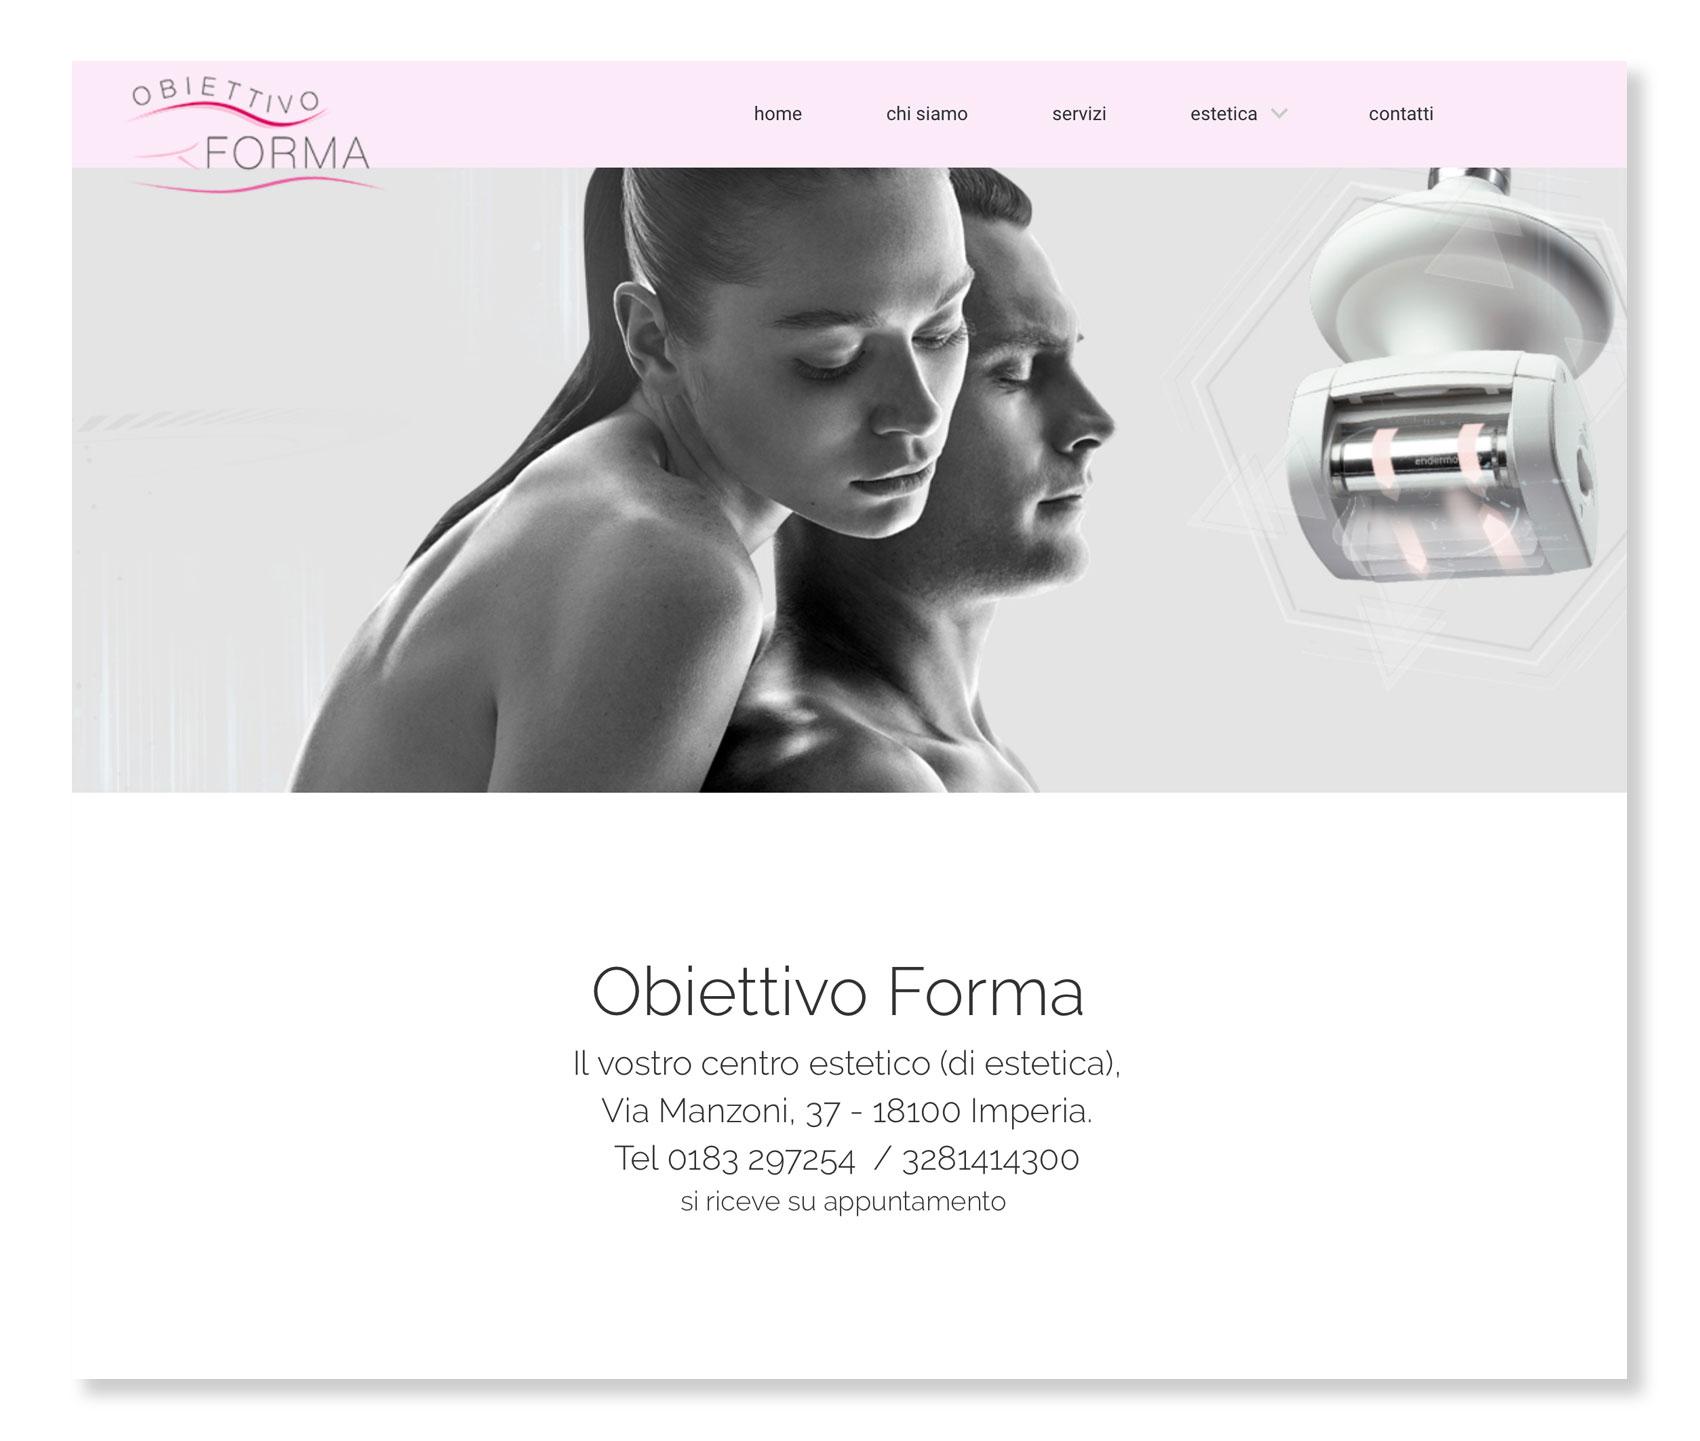 Obiettivo Forma, centre d'esthétique à Imperia (it) : Site réalisé par Pictopagina, création de sites internet à Gourdon